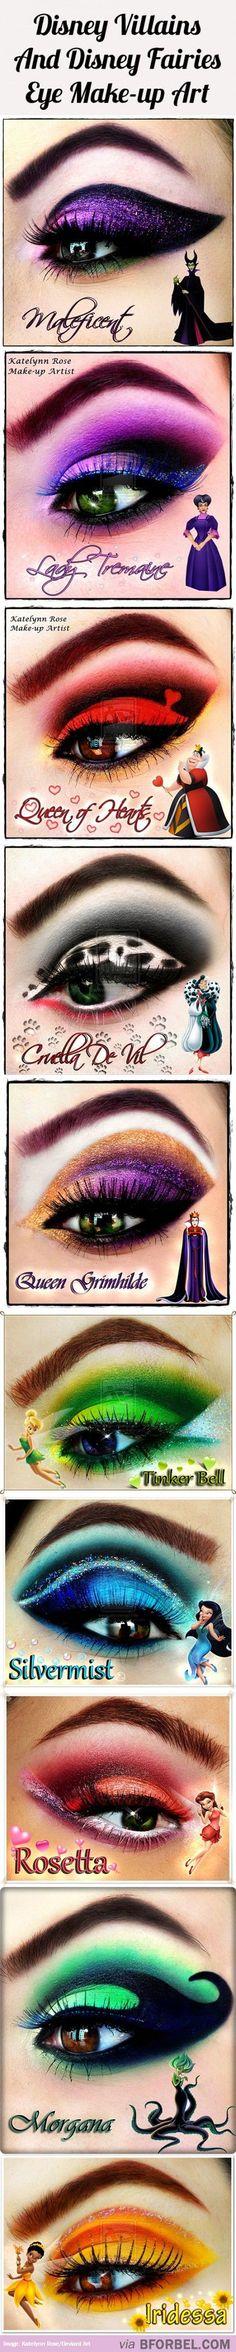 oooo, disney nails inspired by Frozen Elsa's coronation dress. Me likey!